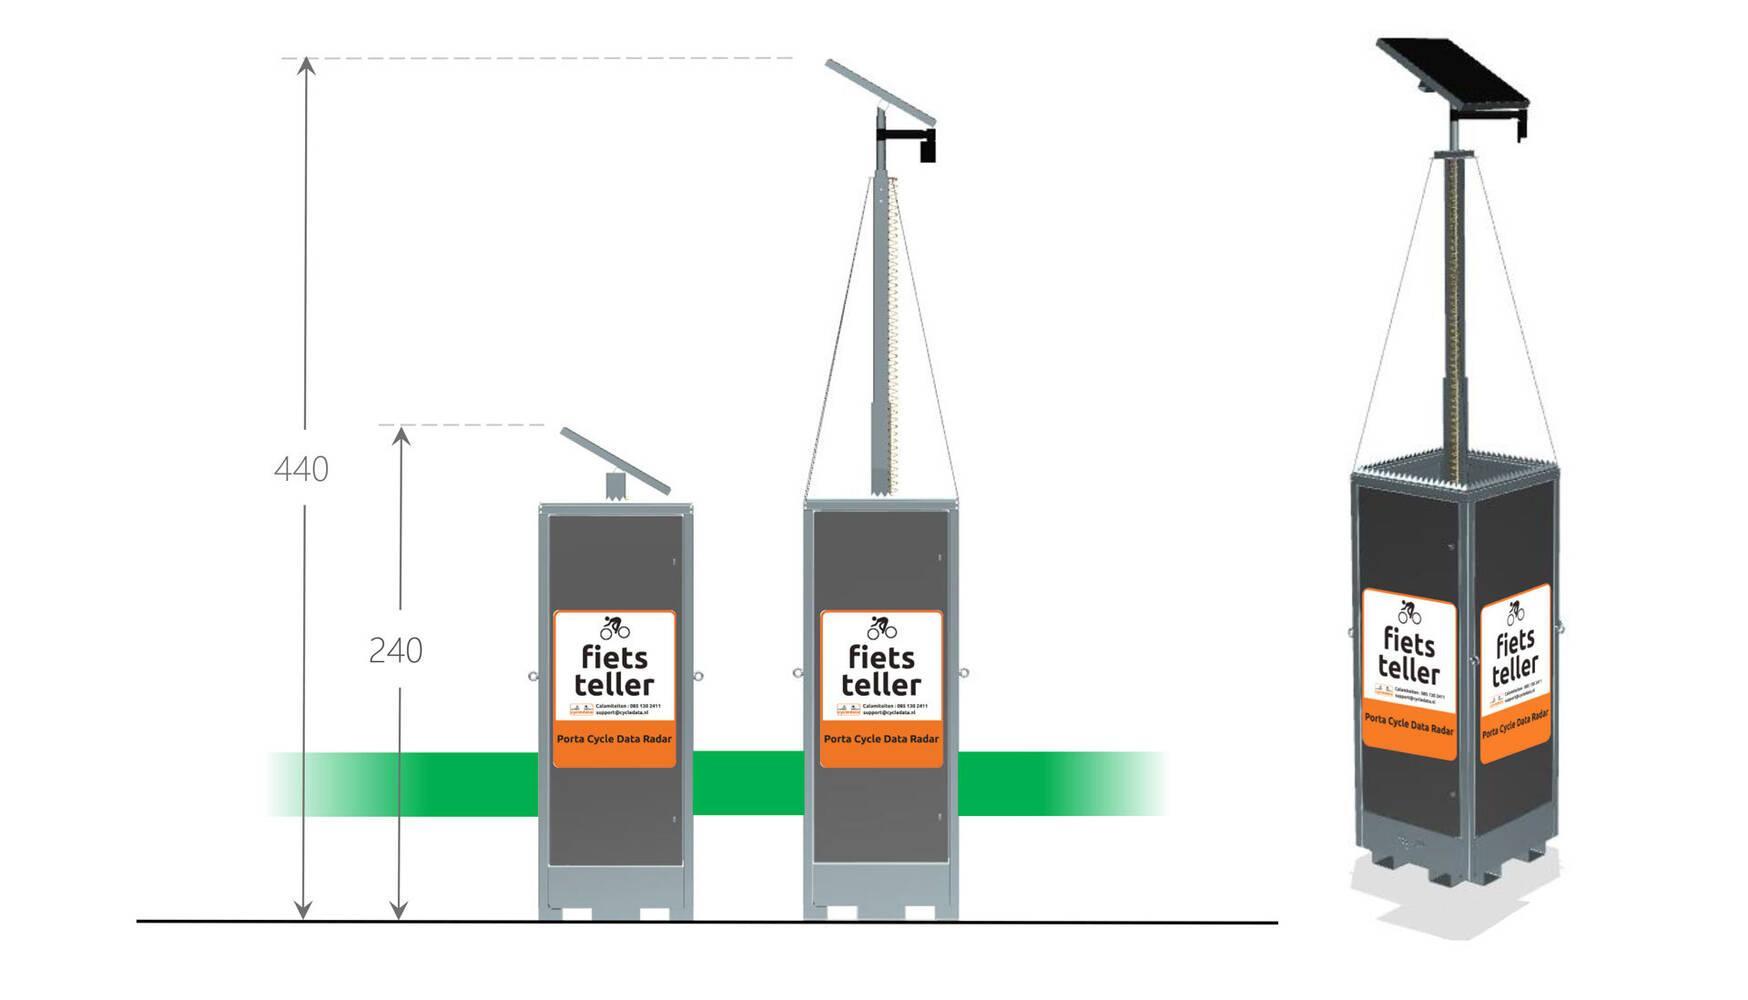 Mobiele lichtmast kopen/ontwikkelen